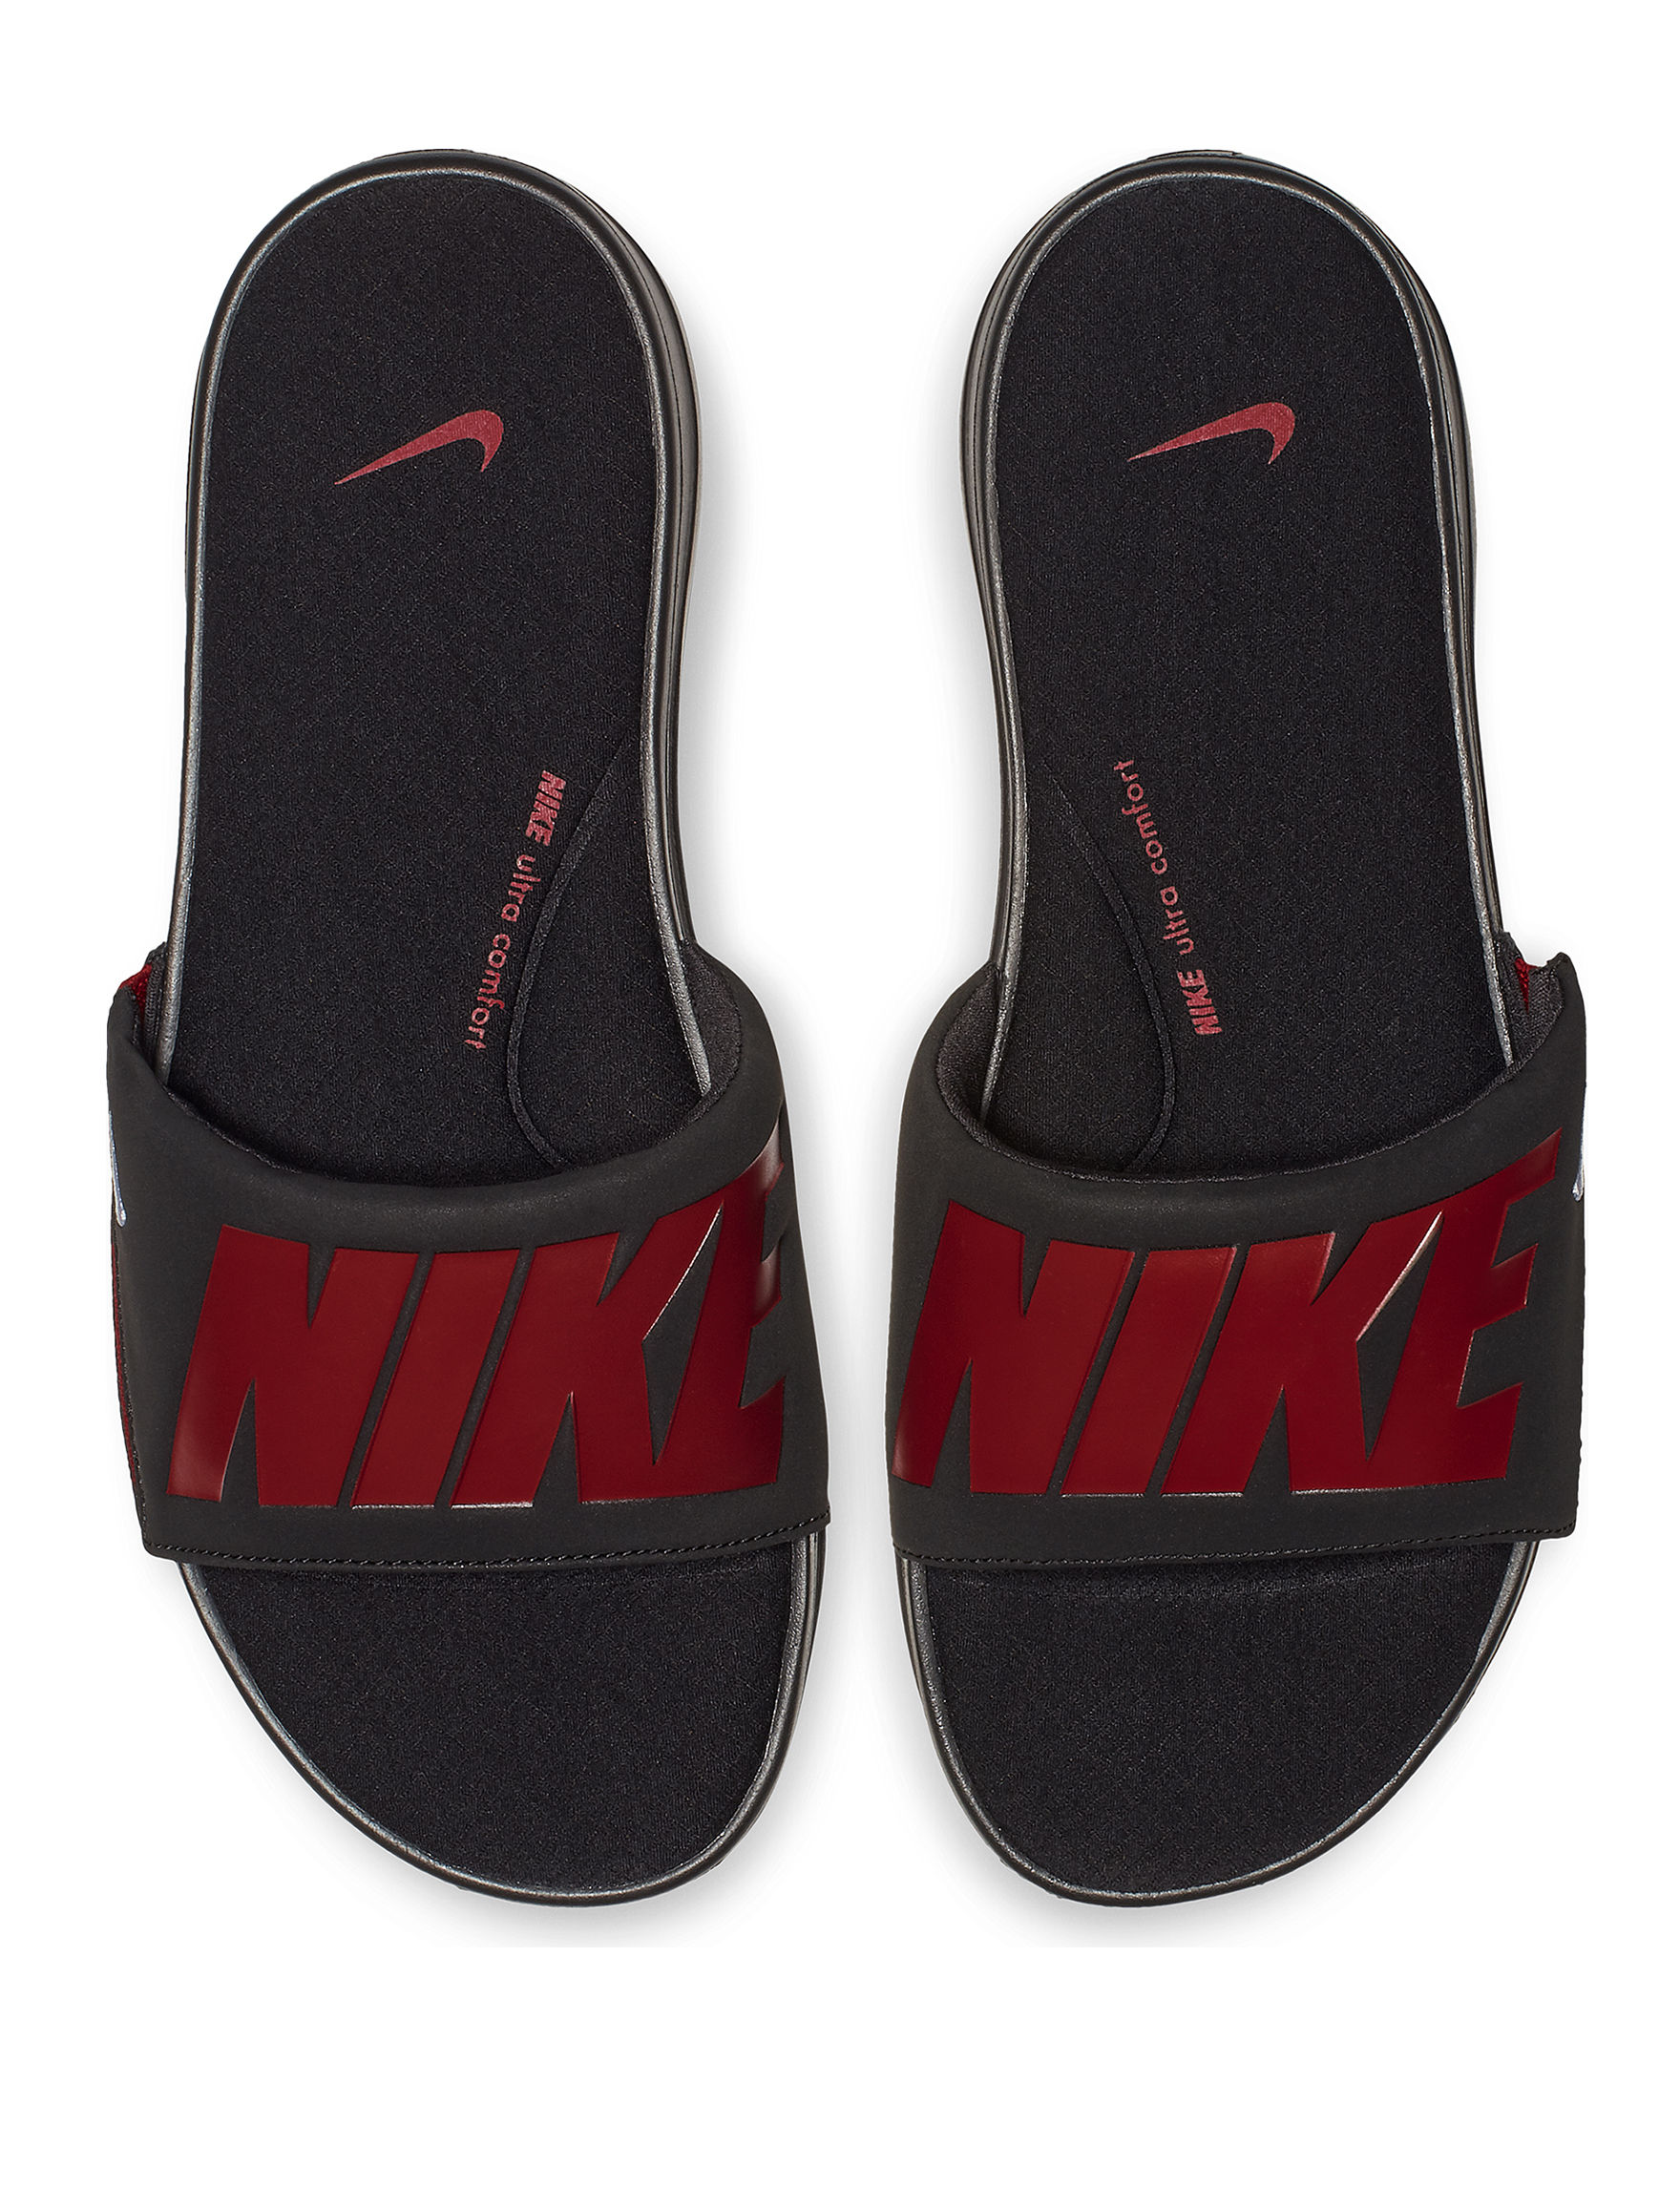 Nike Red Slide Sandals